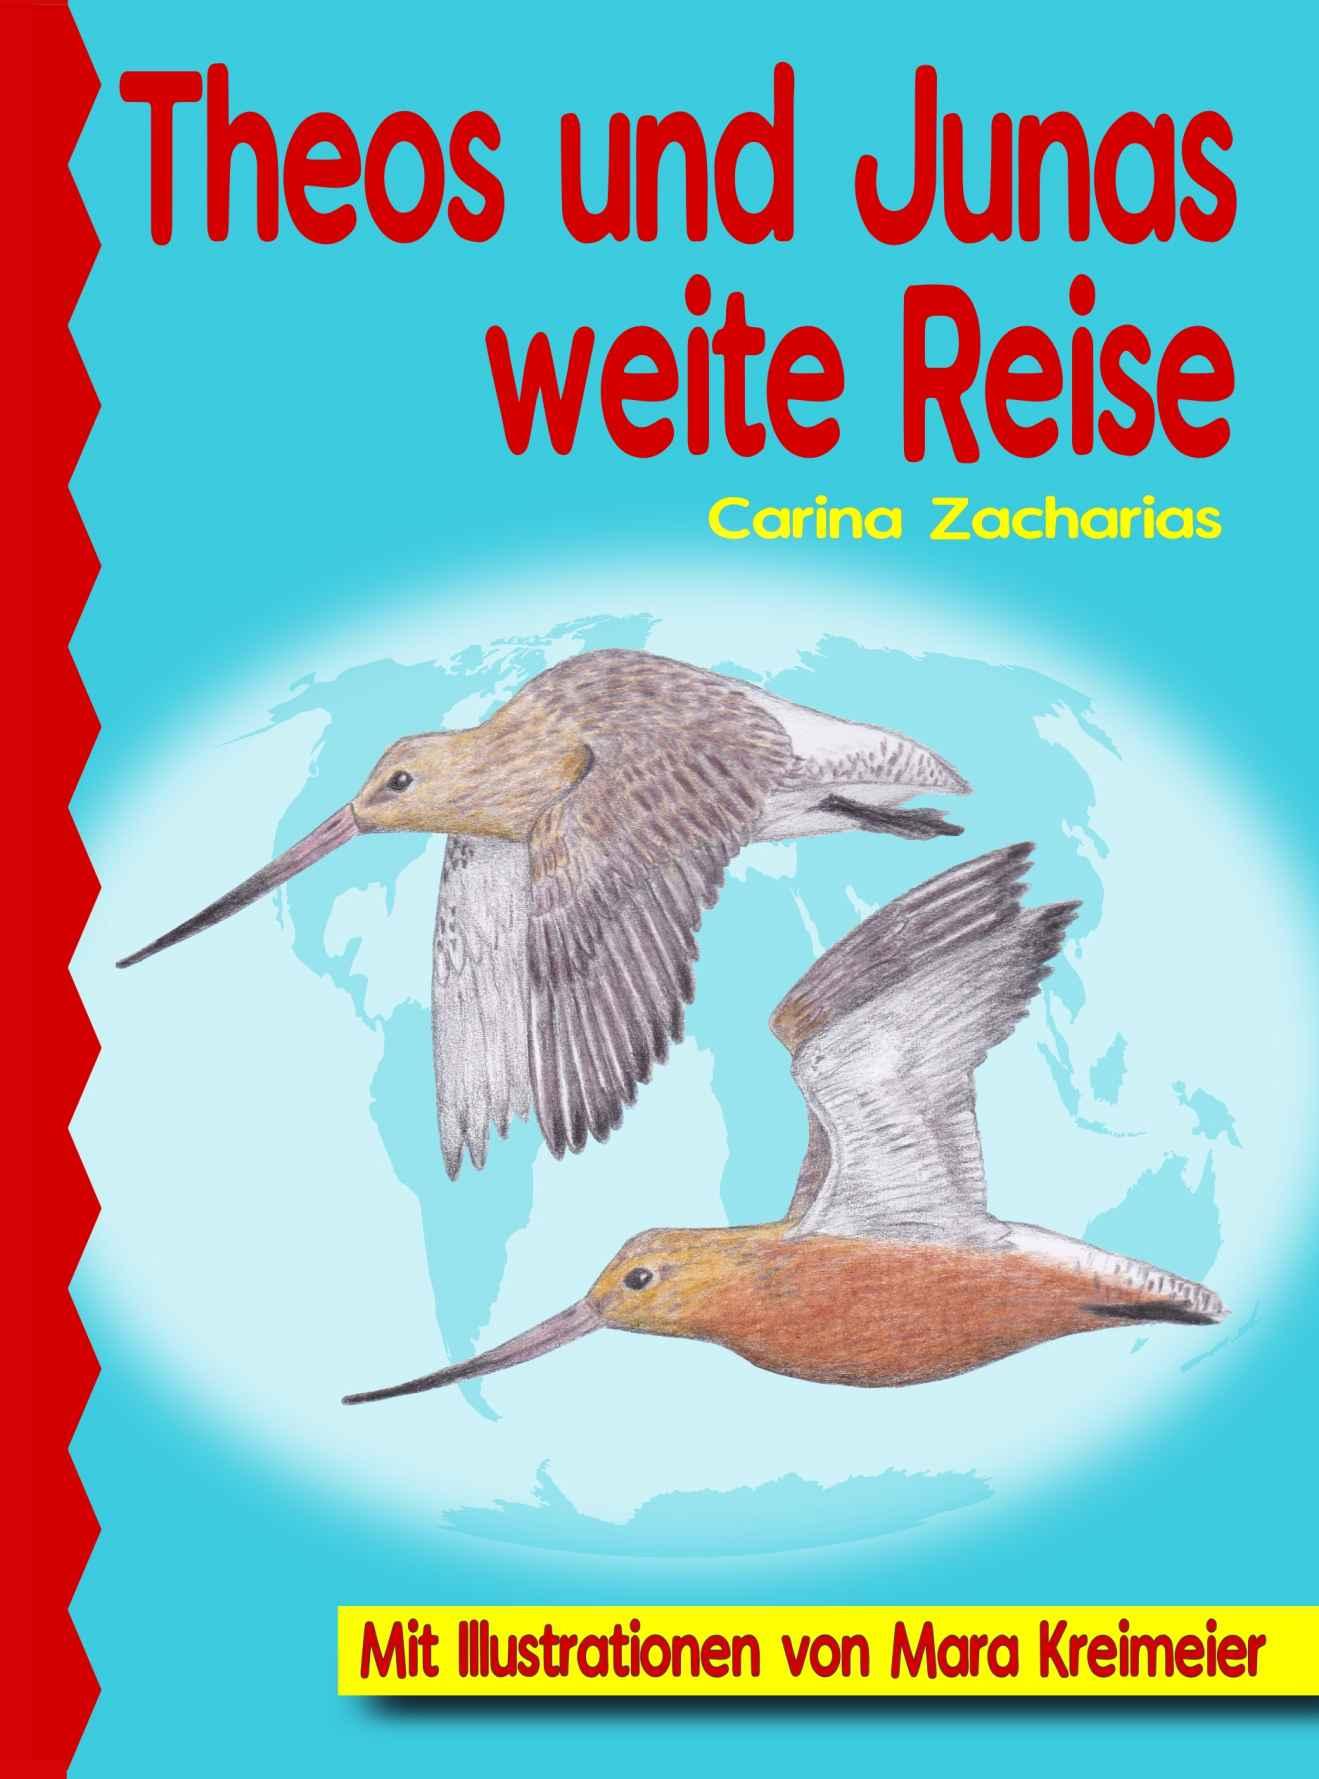 """GRATIS - Kindle Buch für Kinder """"Theos und Junas weite Reise"""""""